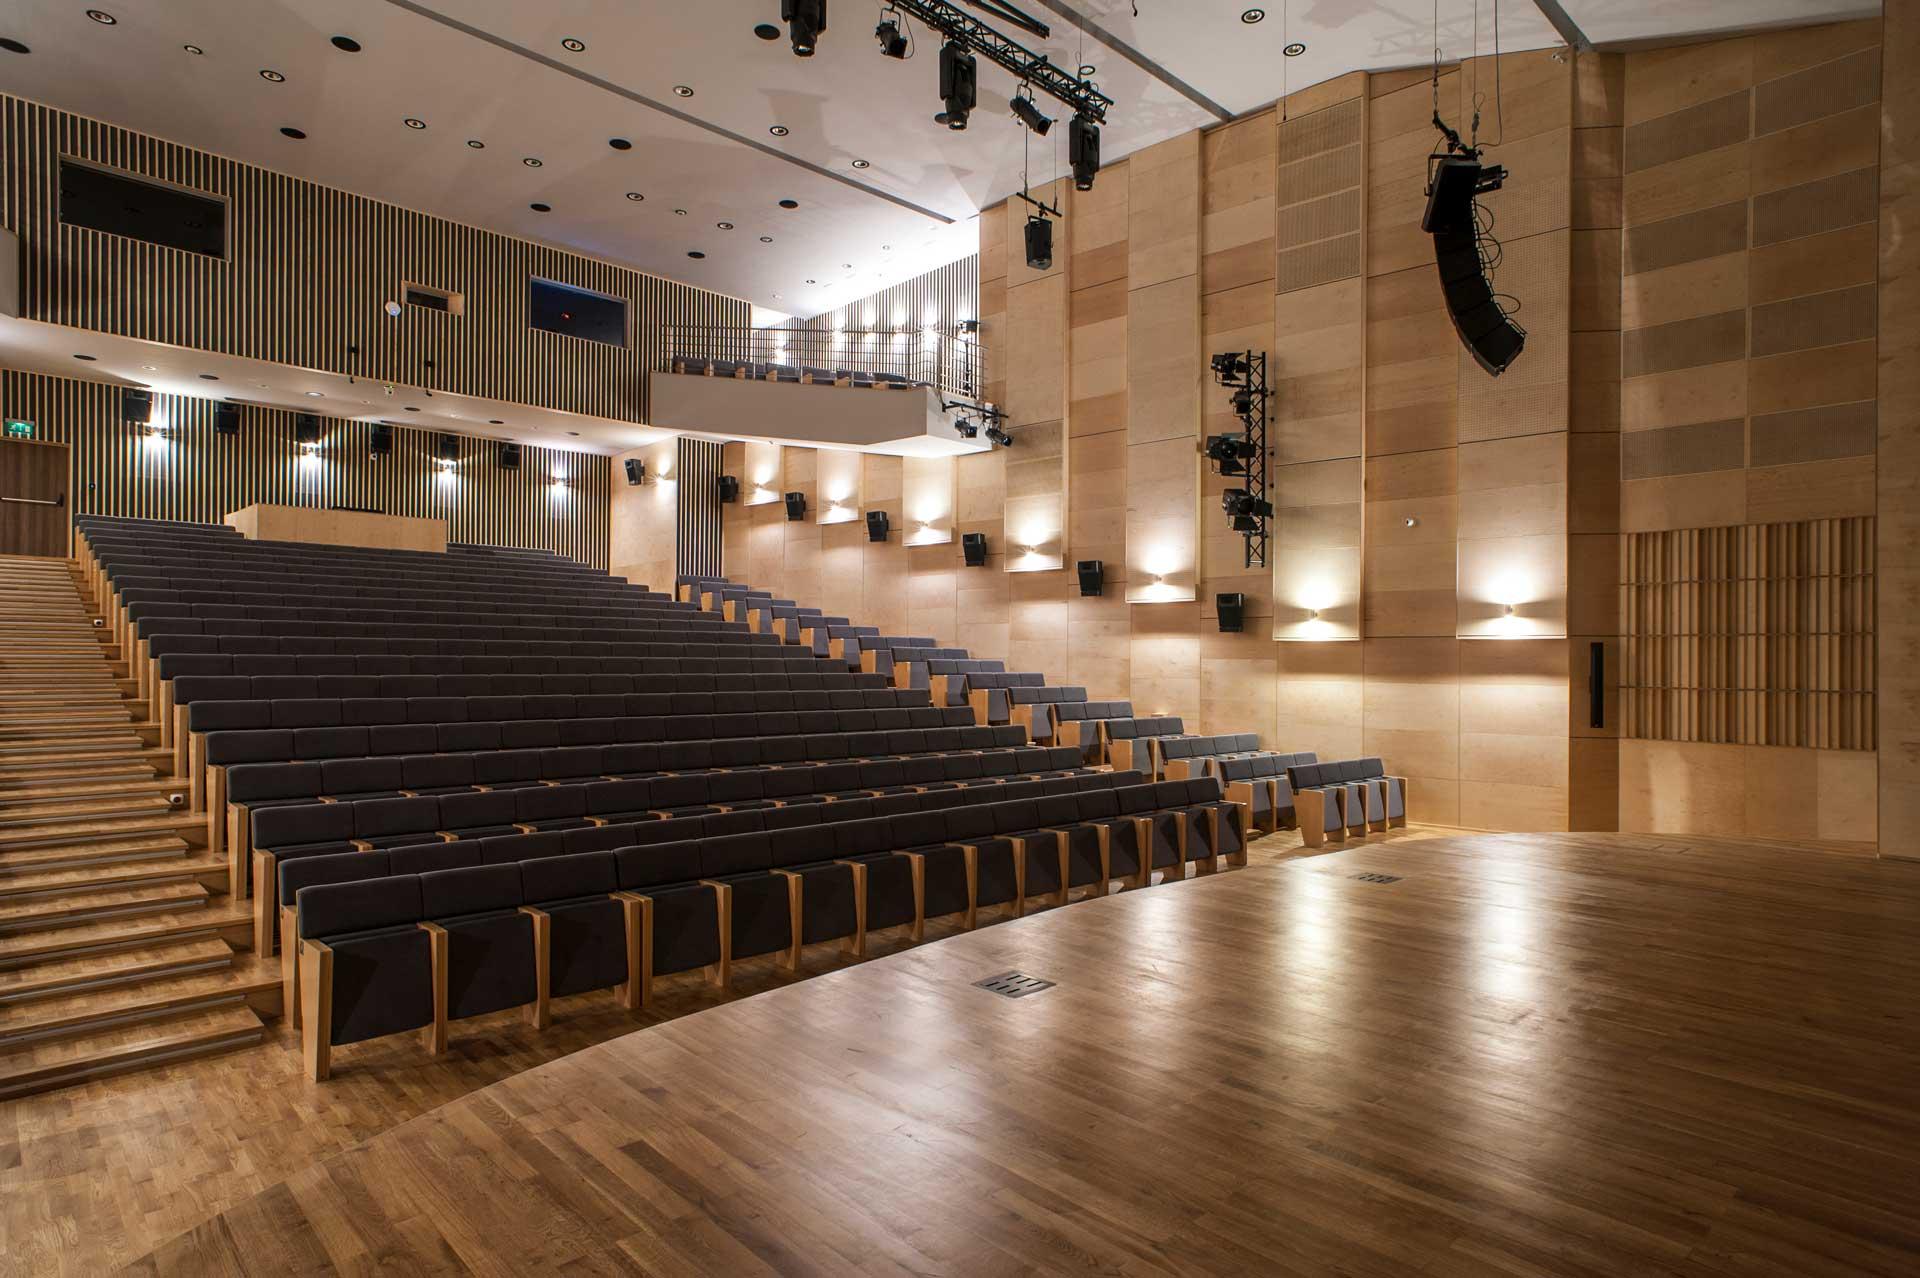 Sala koncertowa, adaptacja akustyczna, nagłośnienie